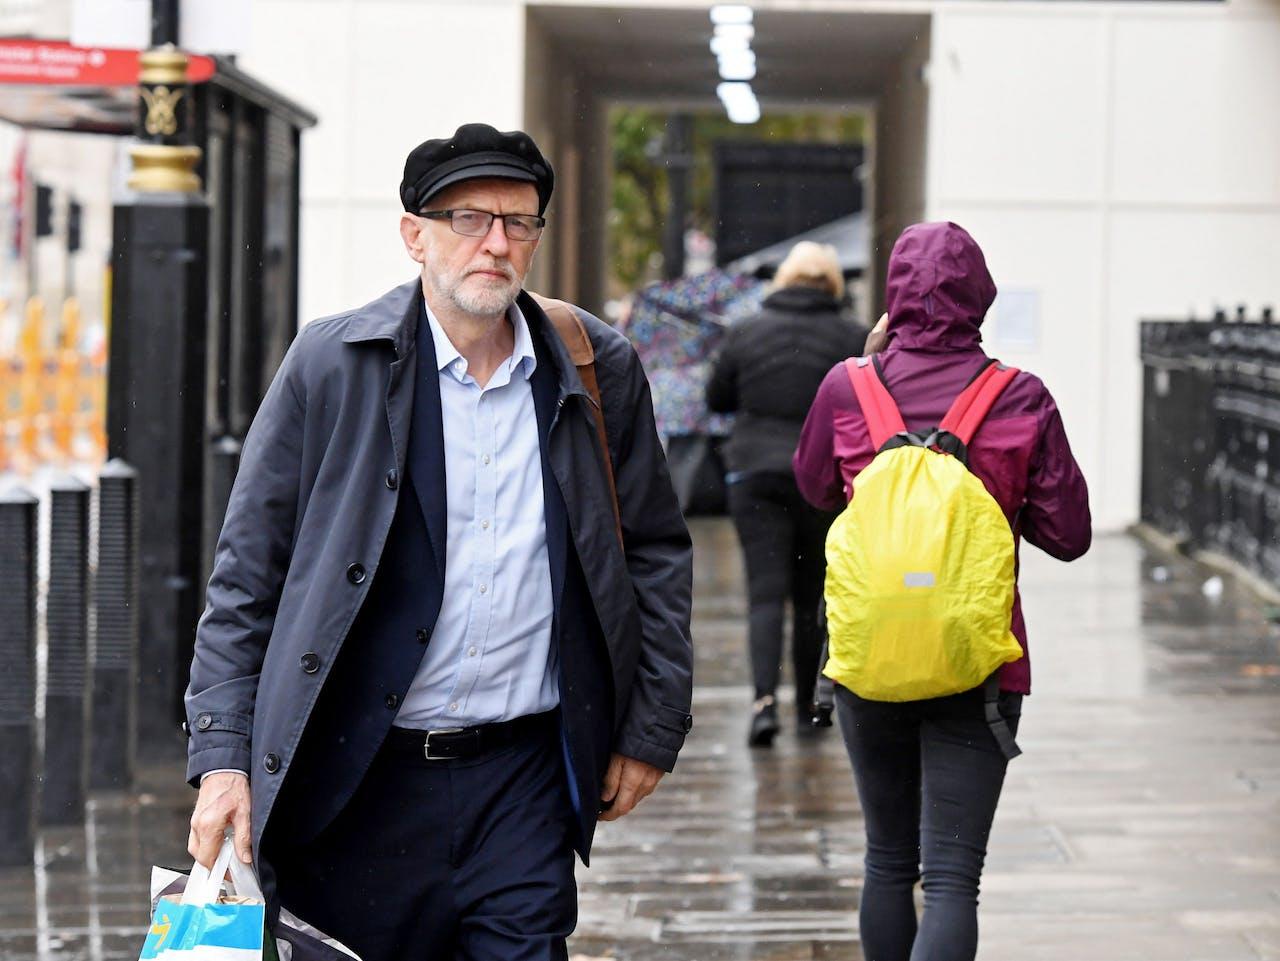 Labourleider Jeremy Corbyn heeft de regen getrotseerd en bereikt het House of Commons.